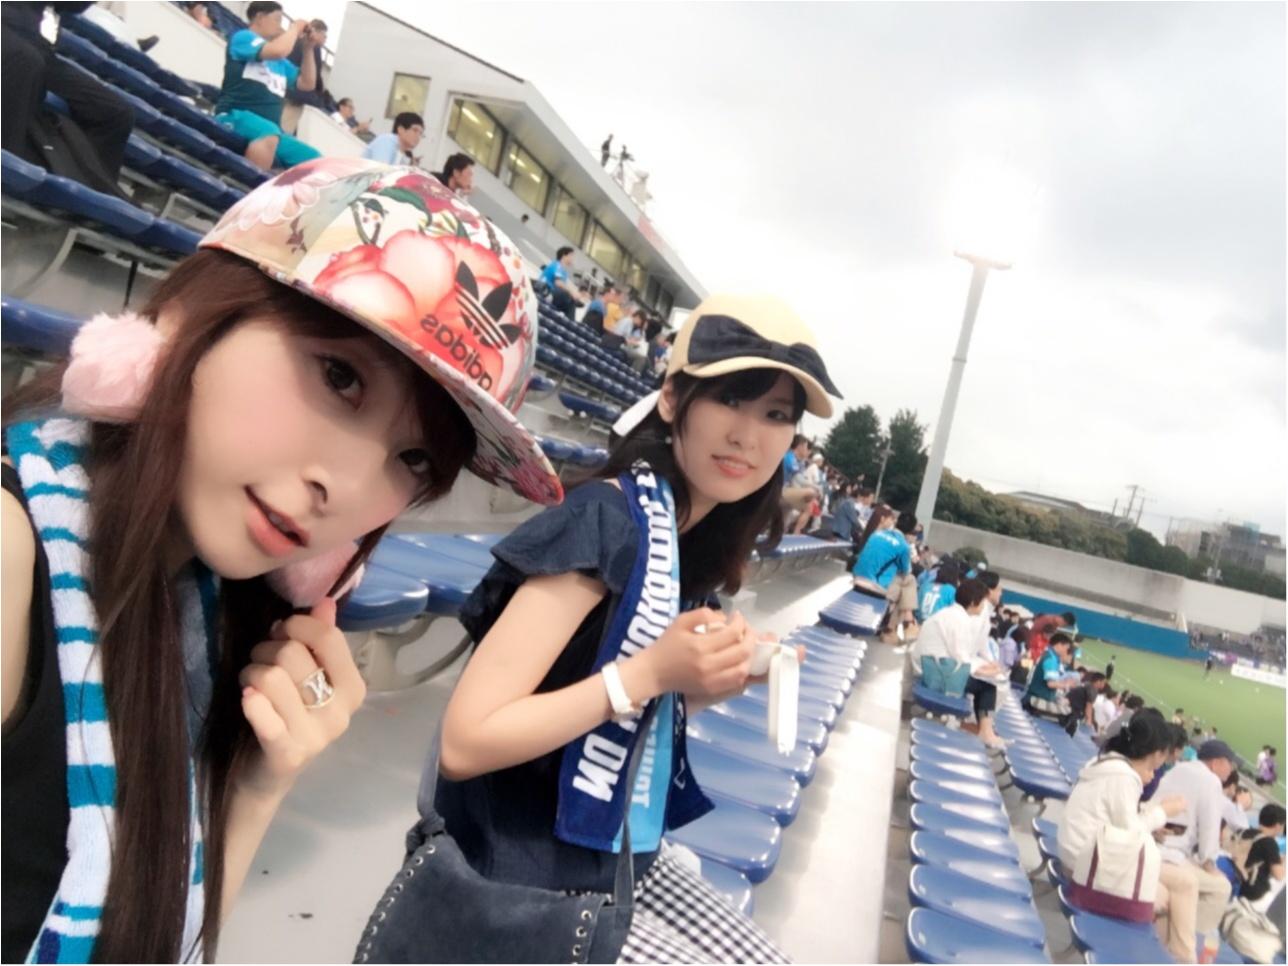 ♡【サッカー観戦】横浜FCvs水戸ホーリーホック♡モアハピ◡̈のぞみ♡_10